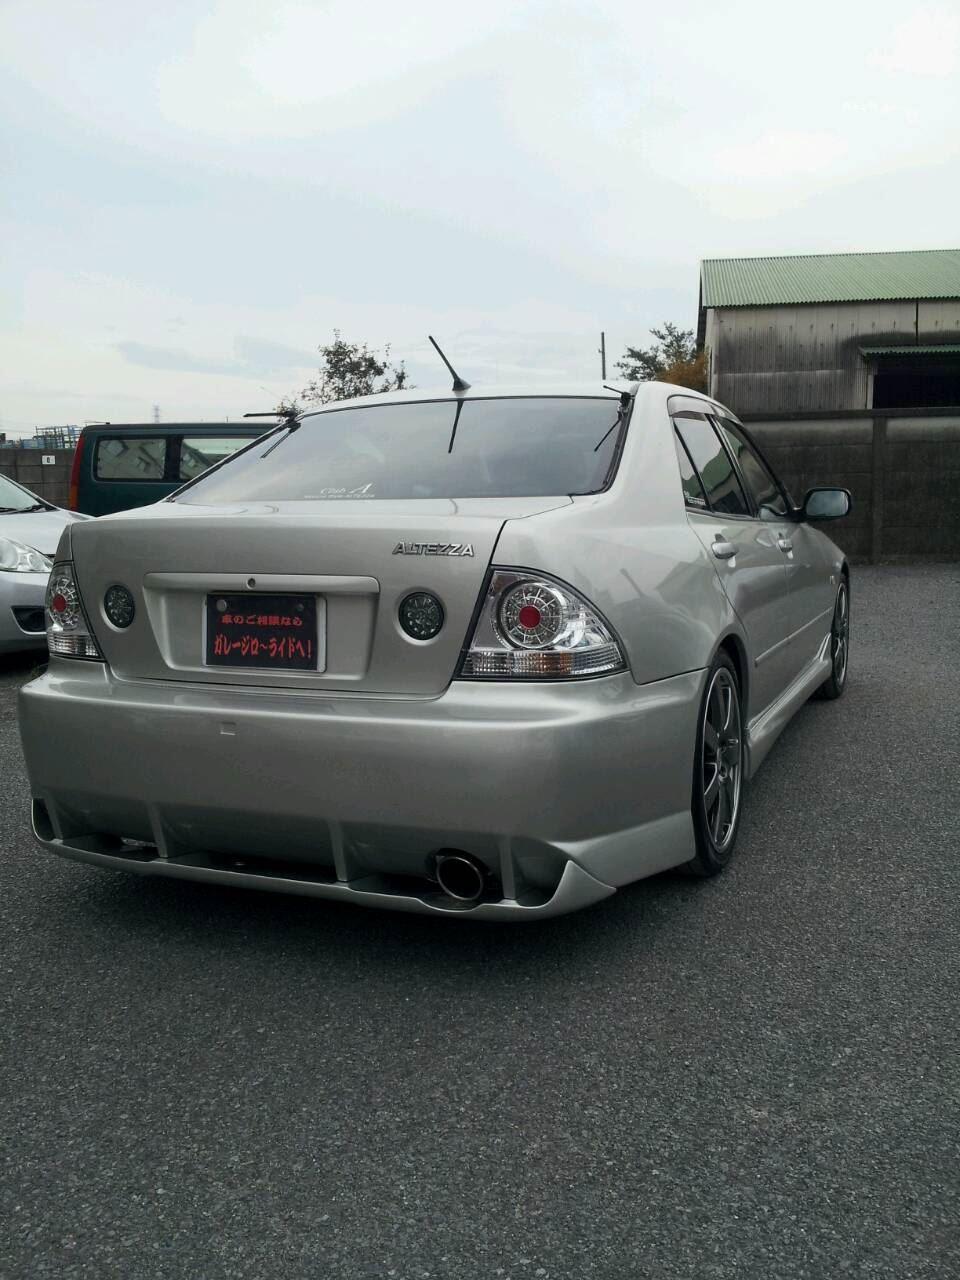 東京都立川市の車の板金塗装修理工場 ガレージローライドのトヨタ アルテッツァのエアロパーツ 塗装 取付です。